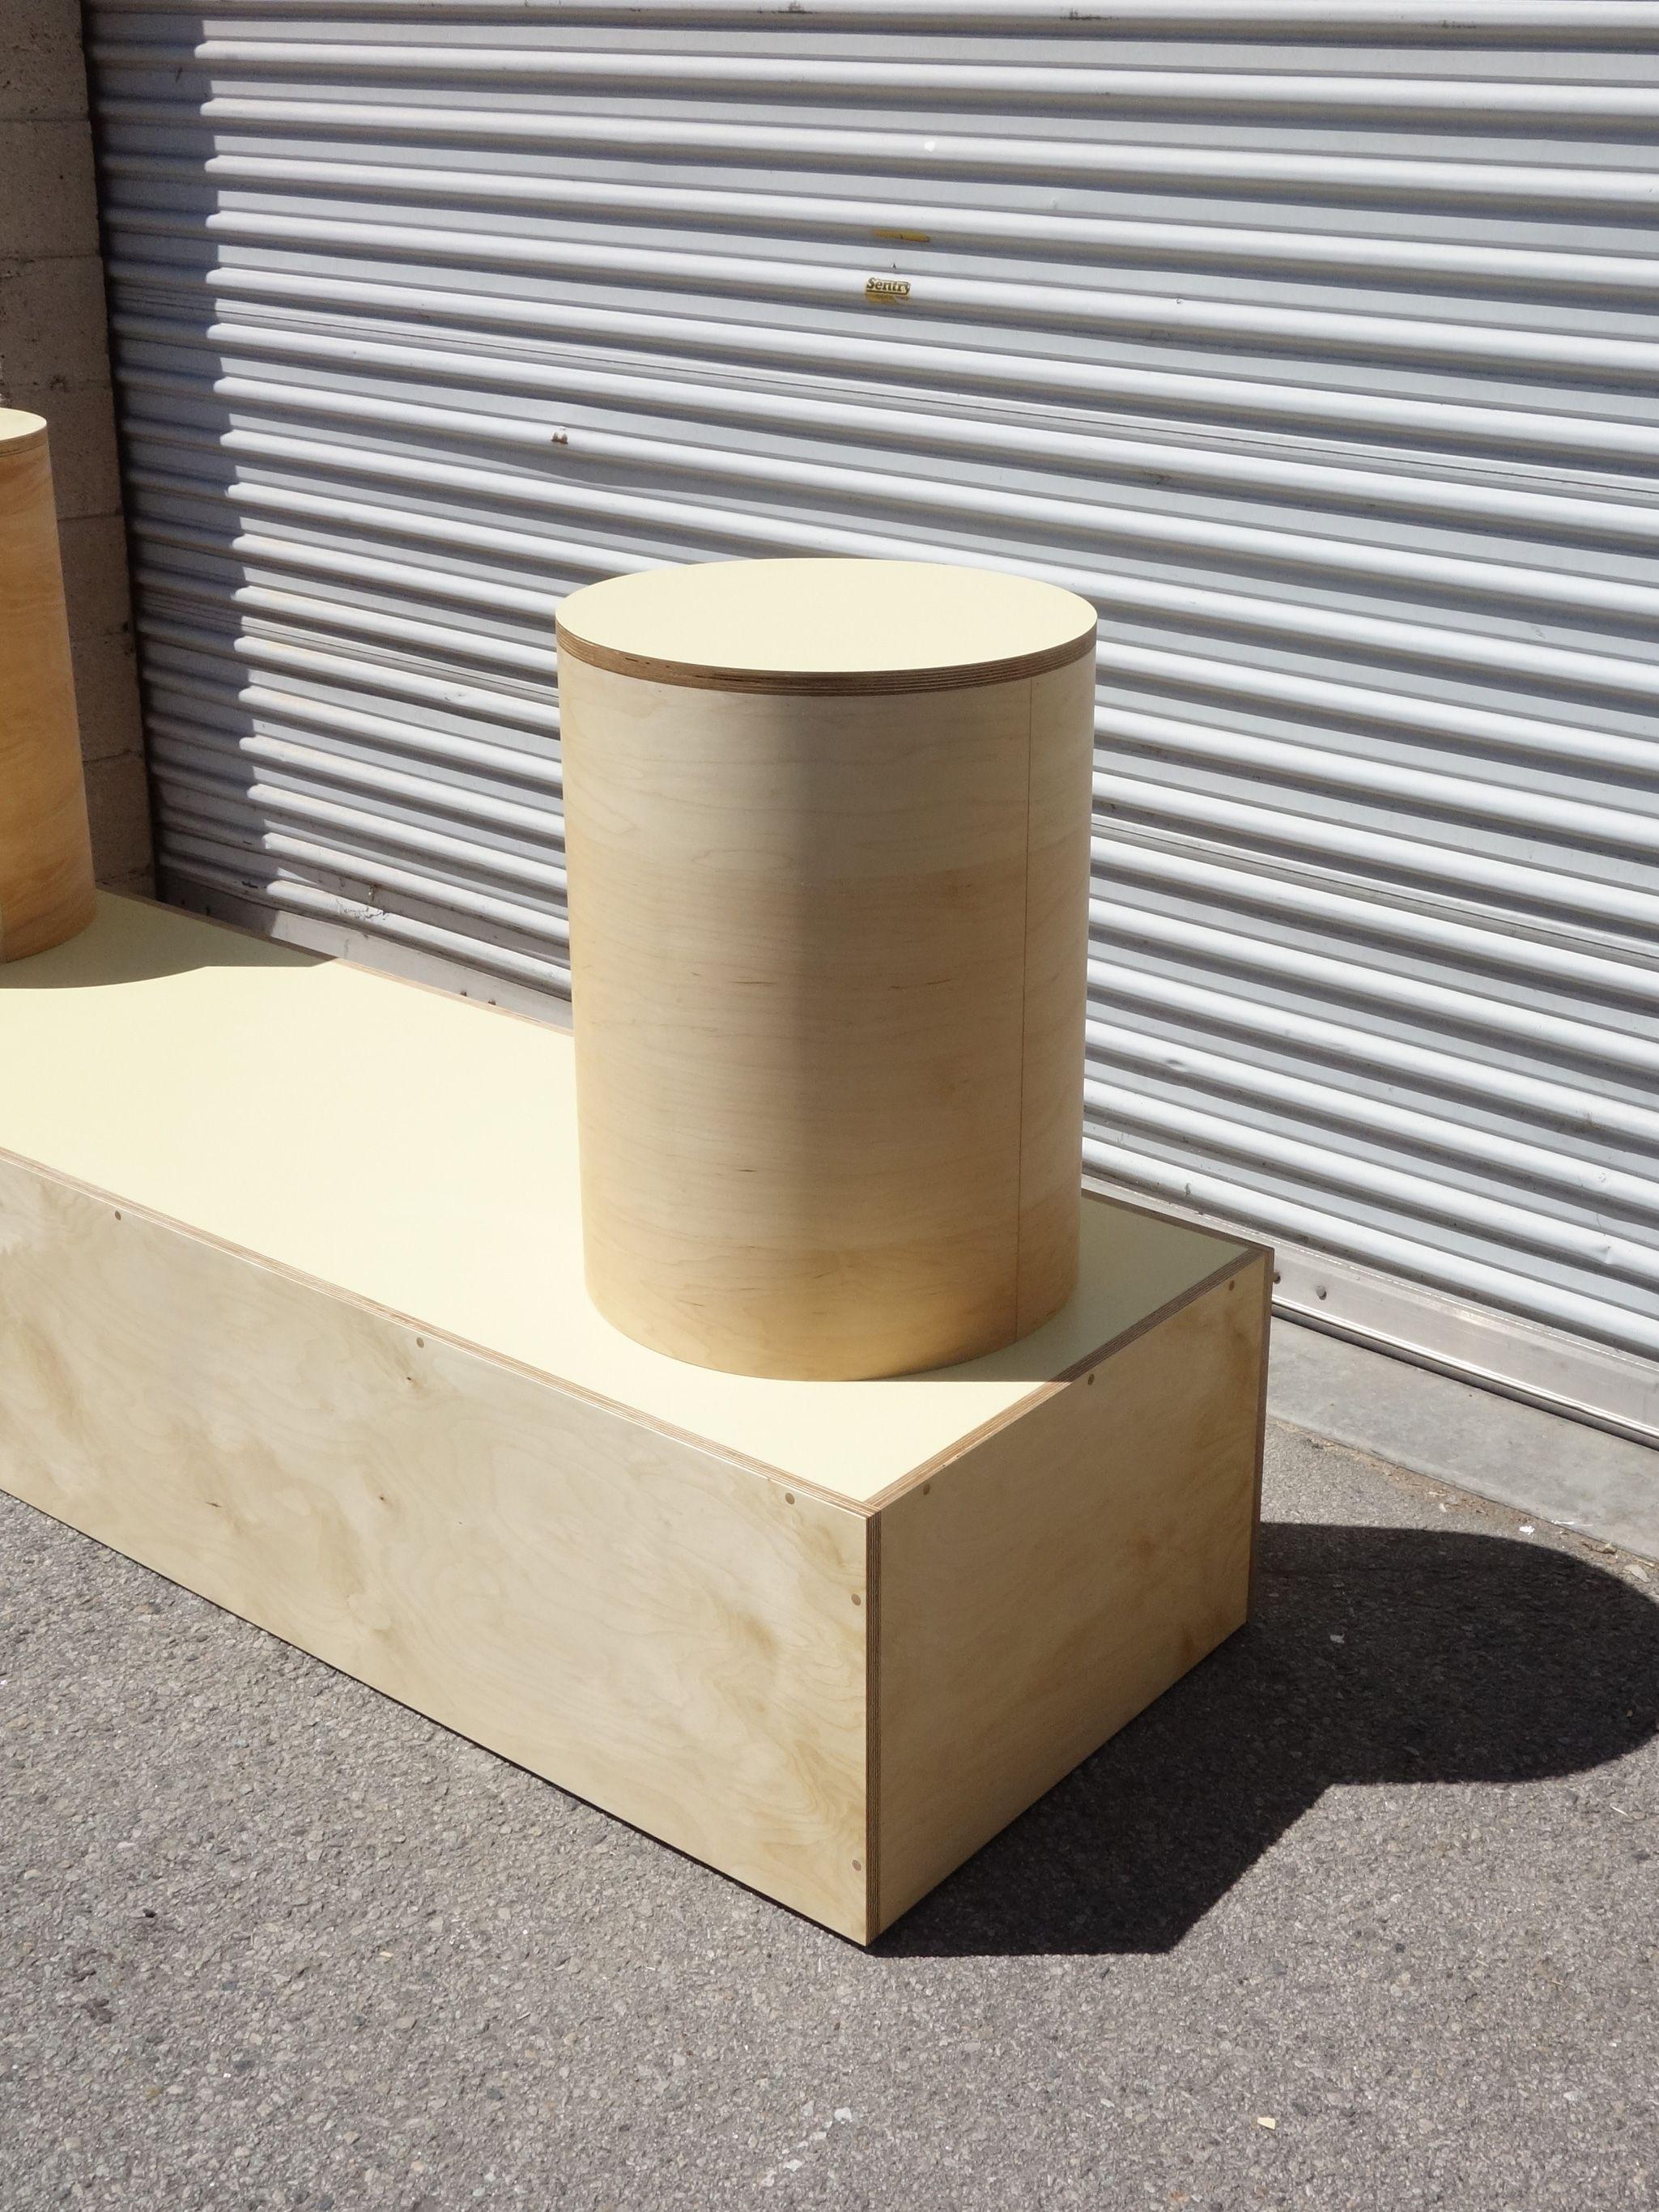 Rebag Madison, NY product image 4